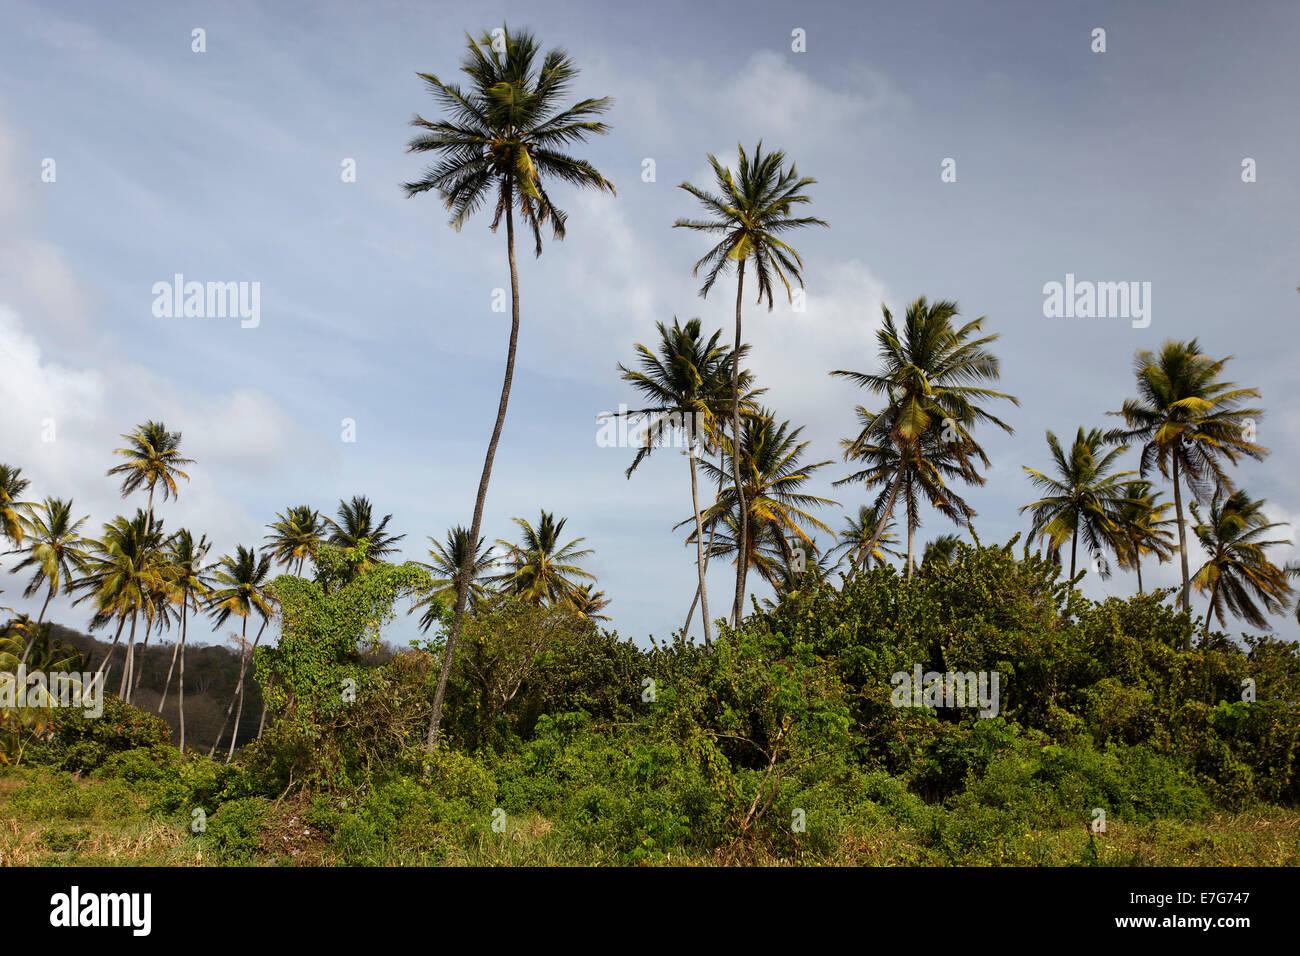 Coconut palm trees (Cocos nucifera), Little Tobago, Trinidad and Tobago - Stock Image